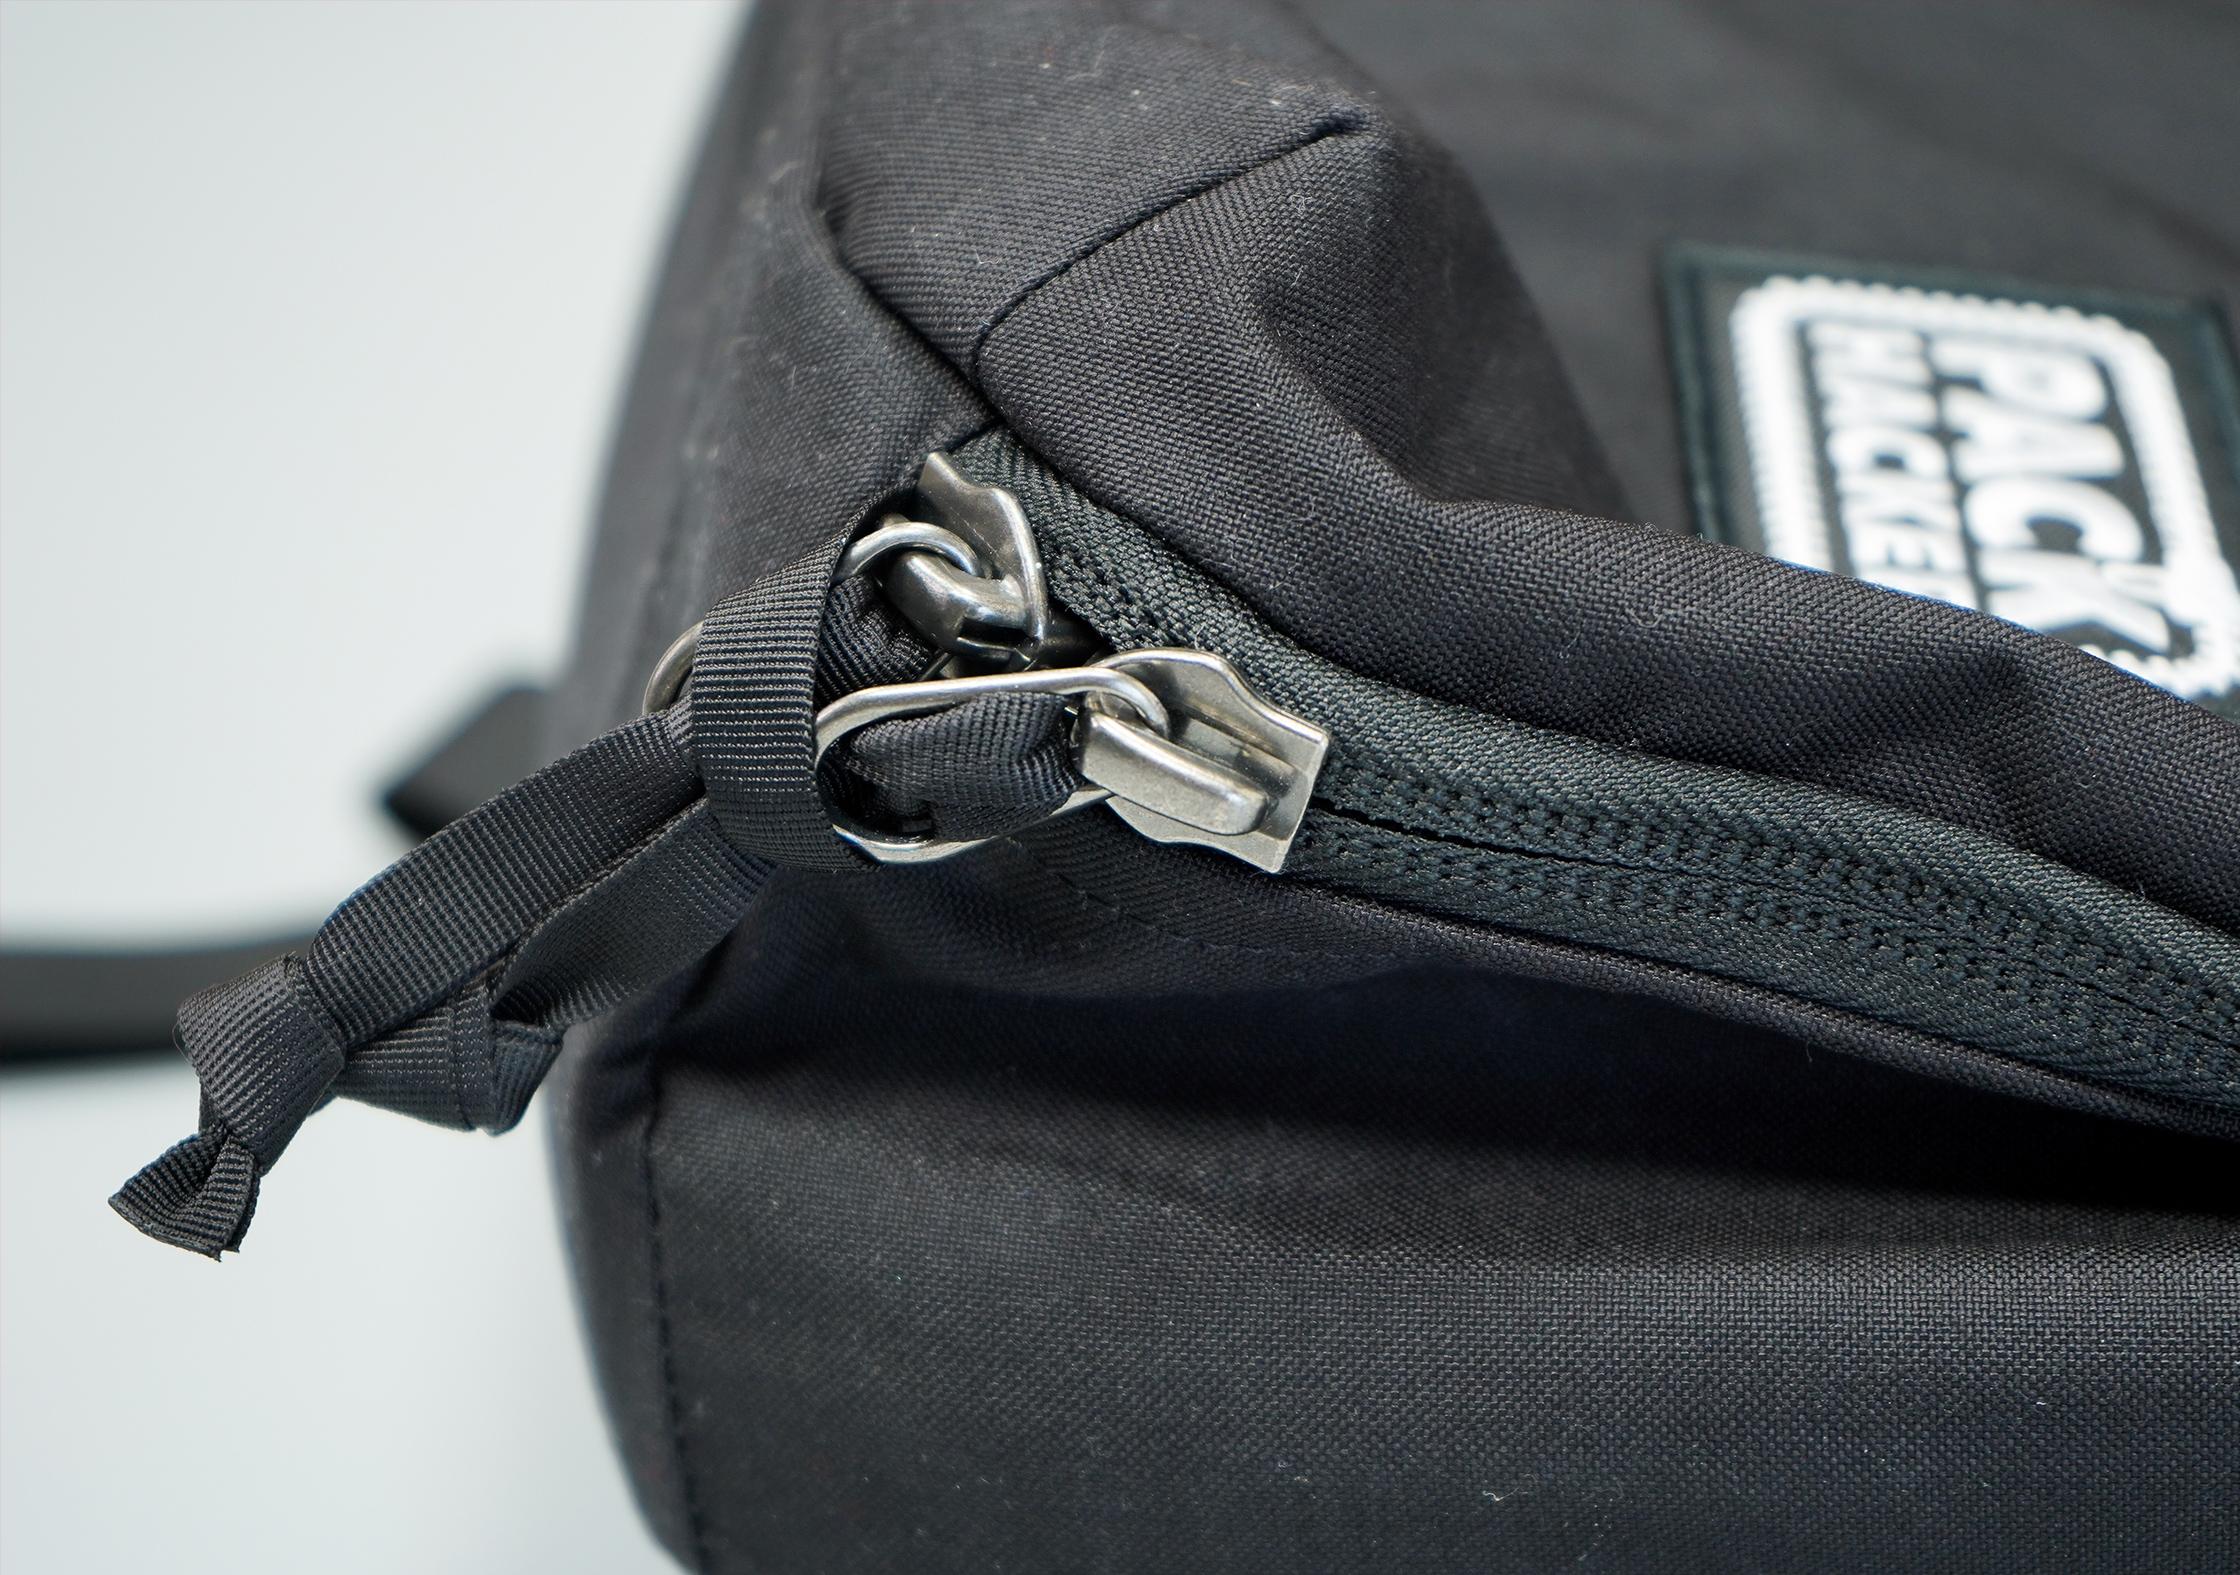 EVERGOODS CPL24 Zipper Holder